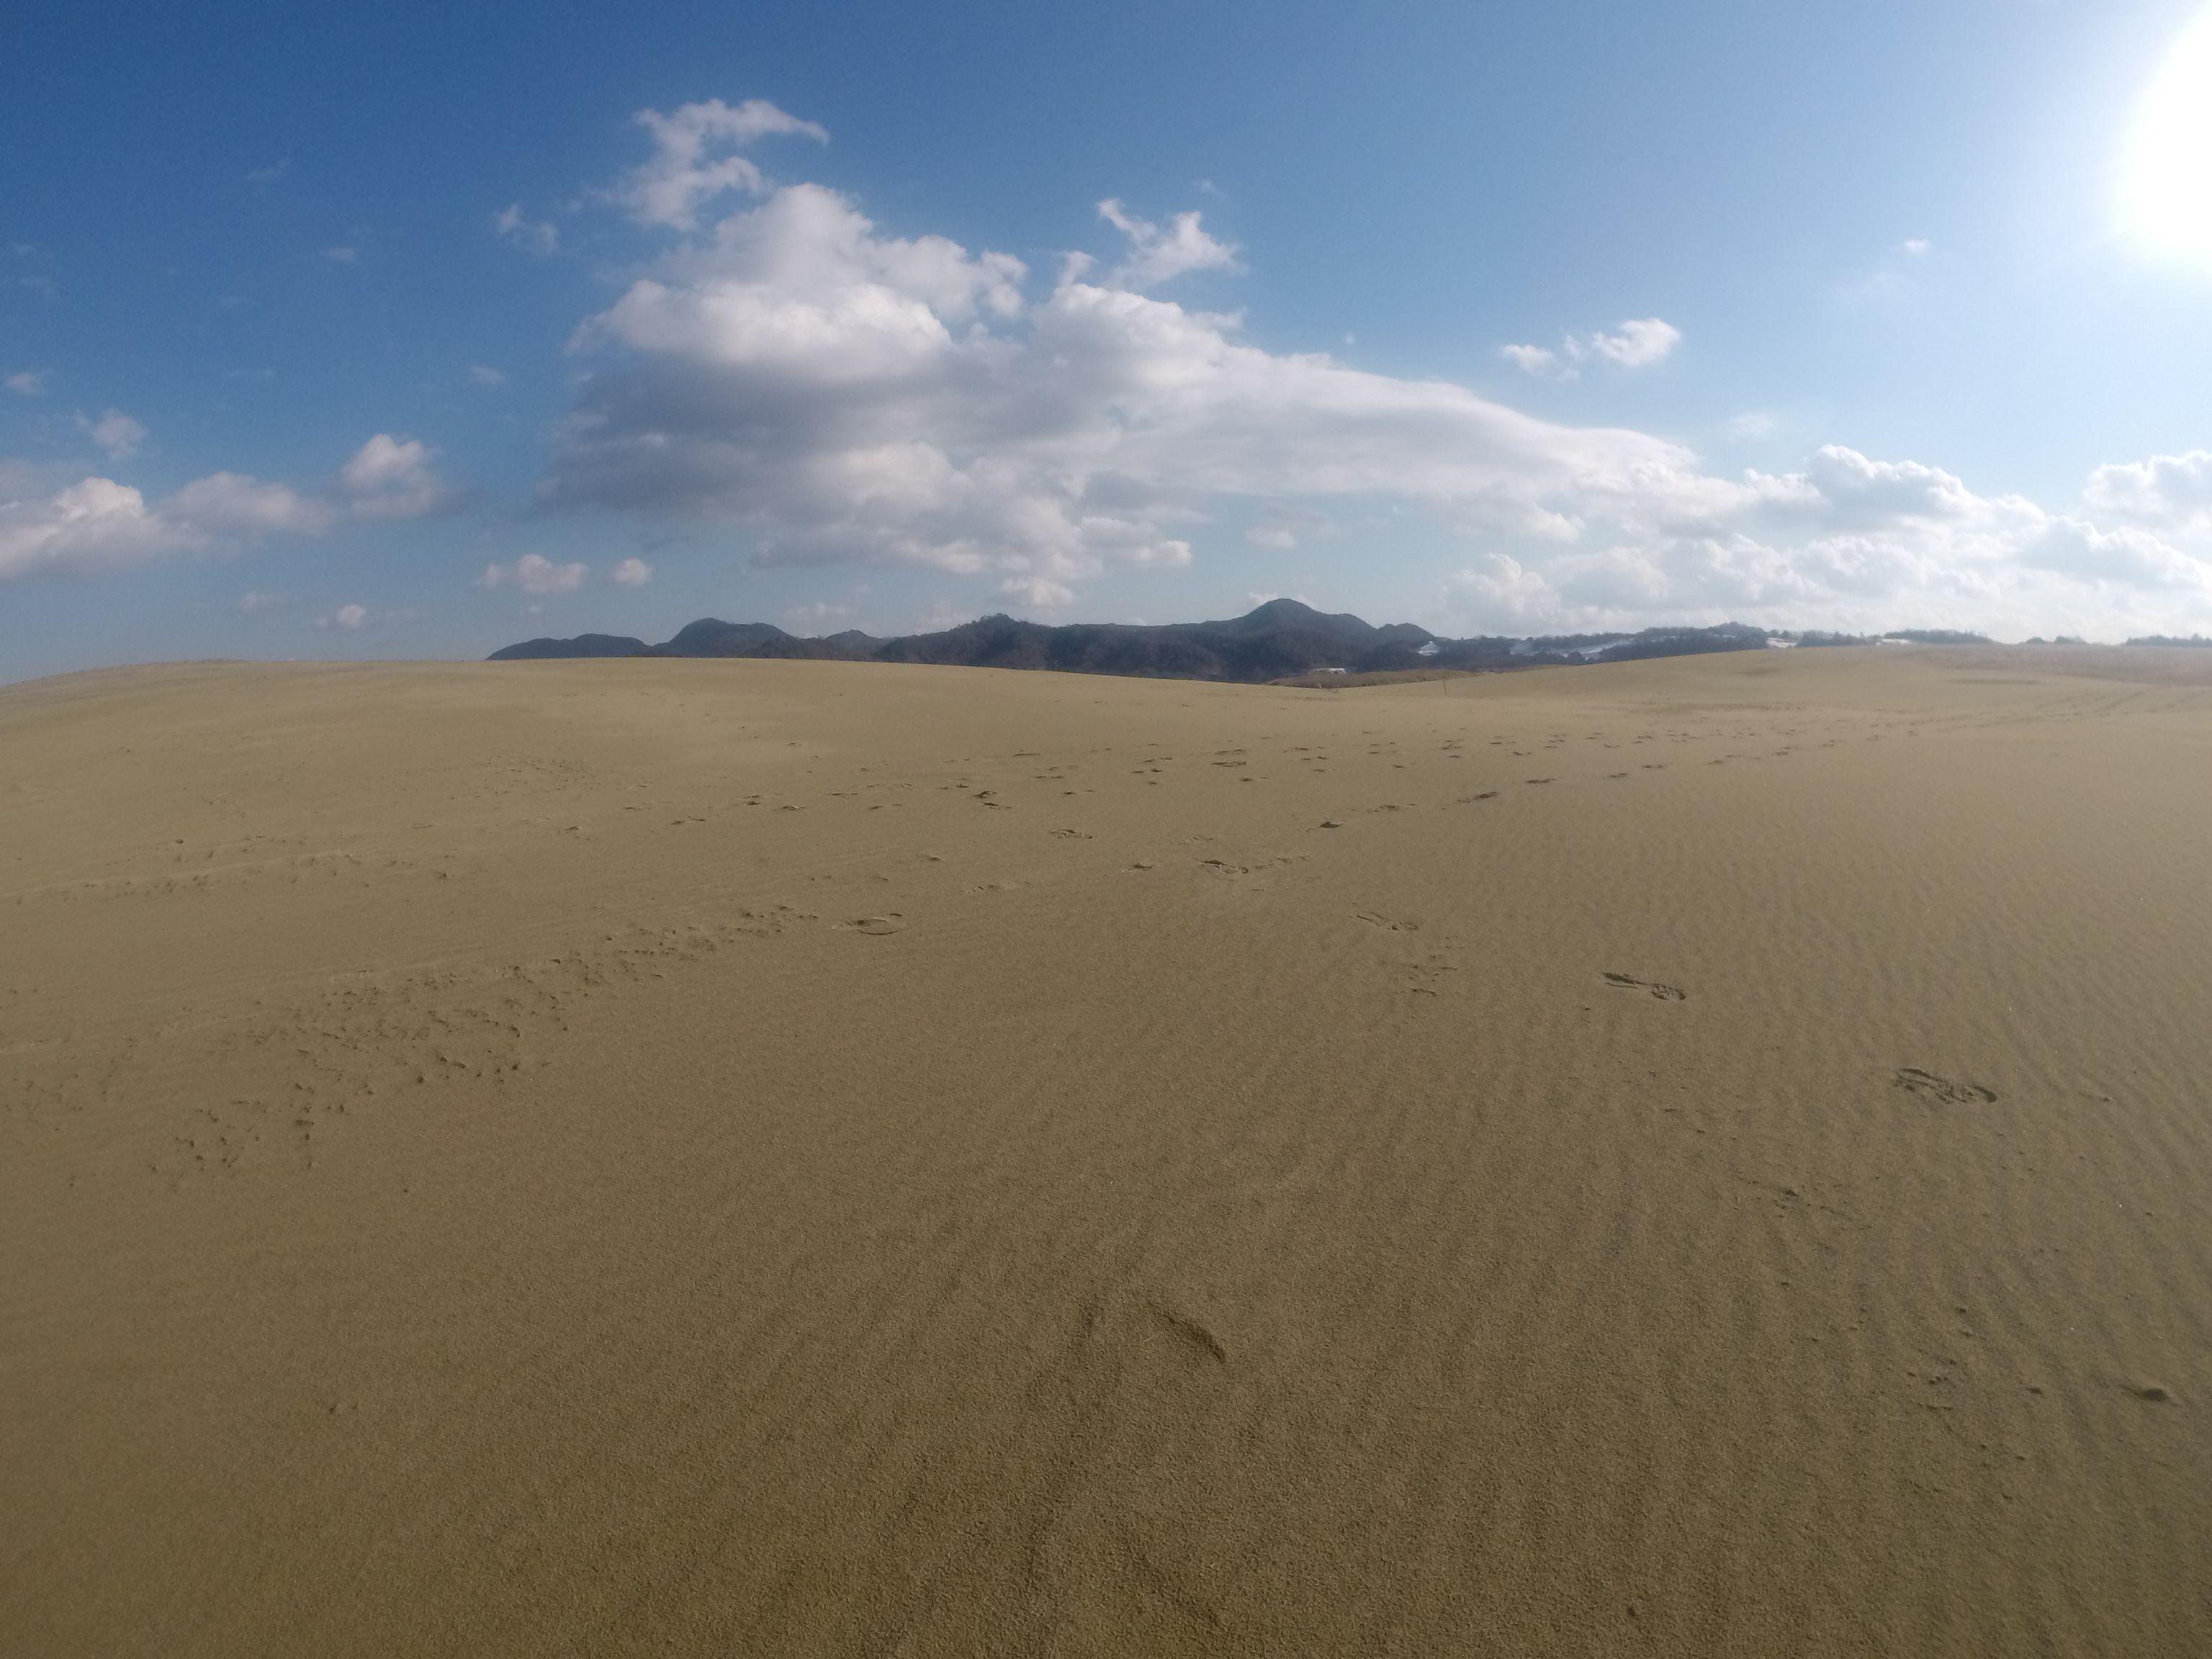 2日続けていいお天気となった鳥取砂丘